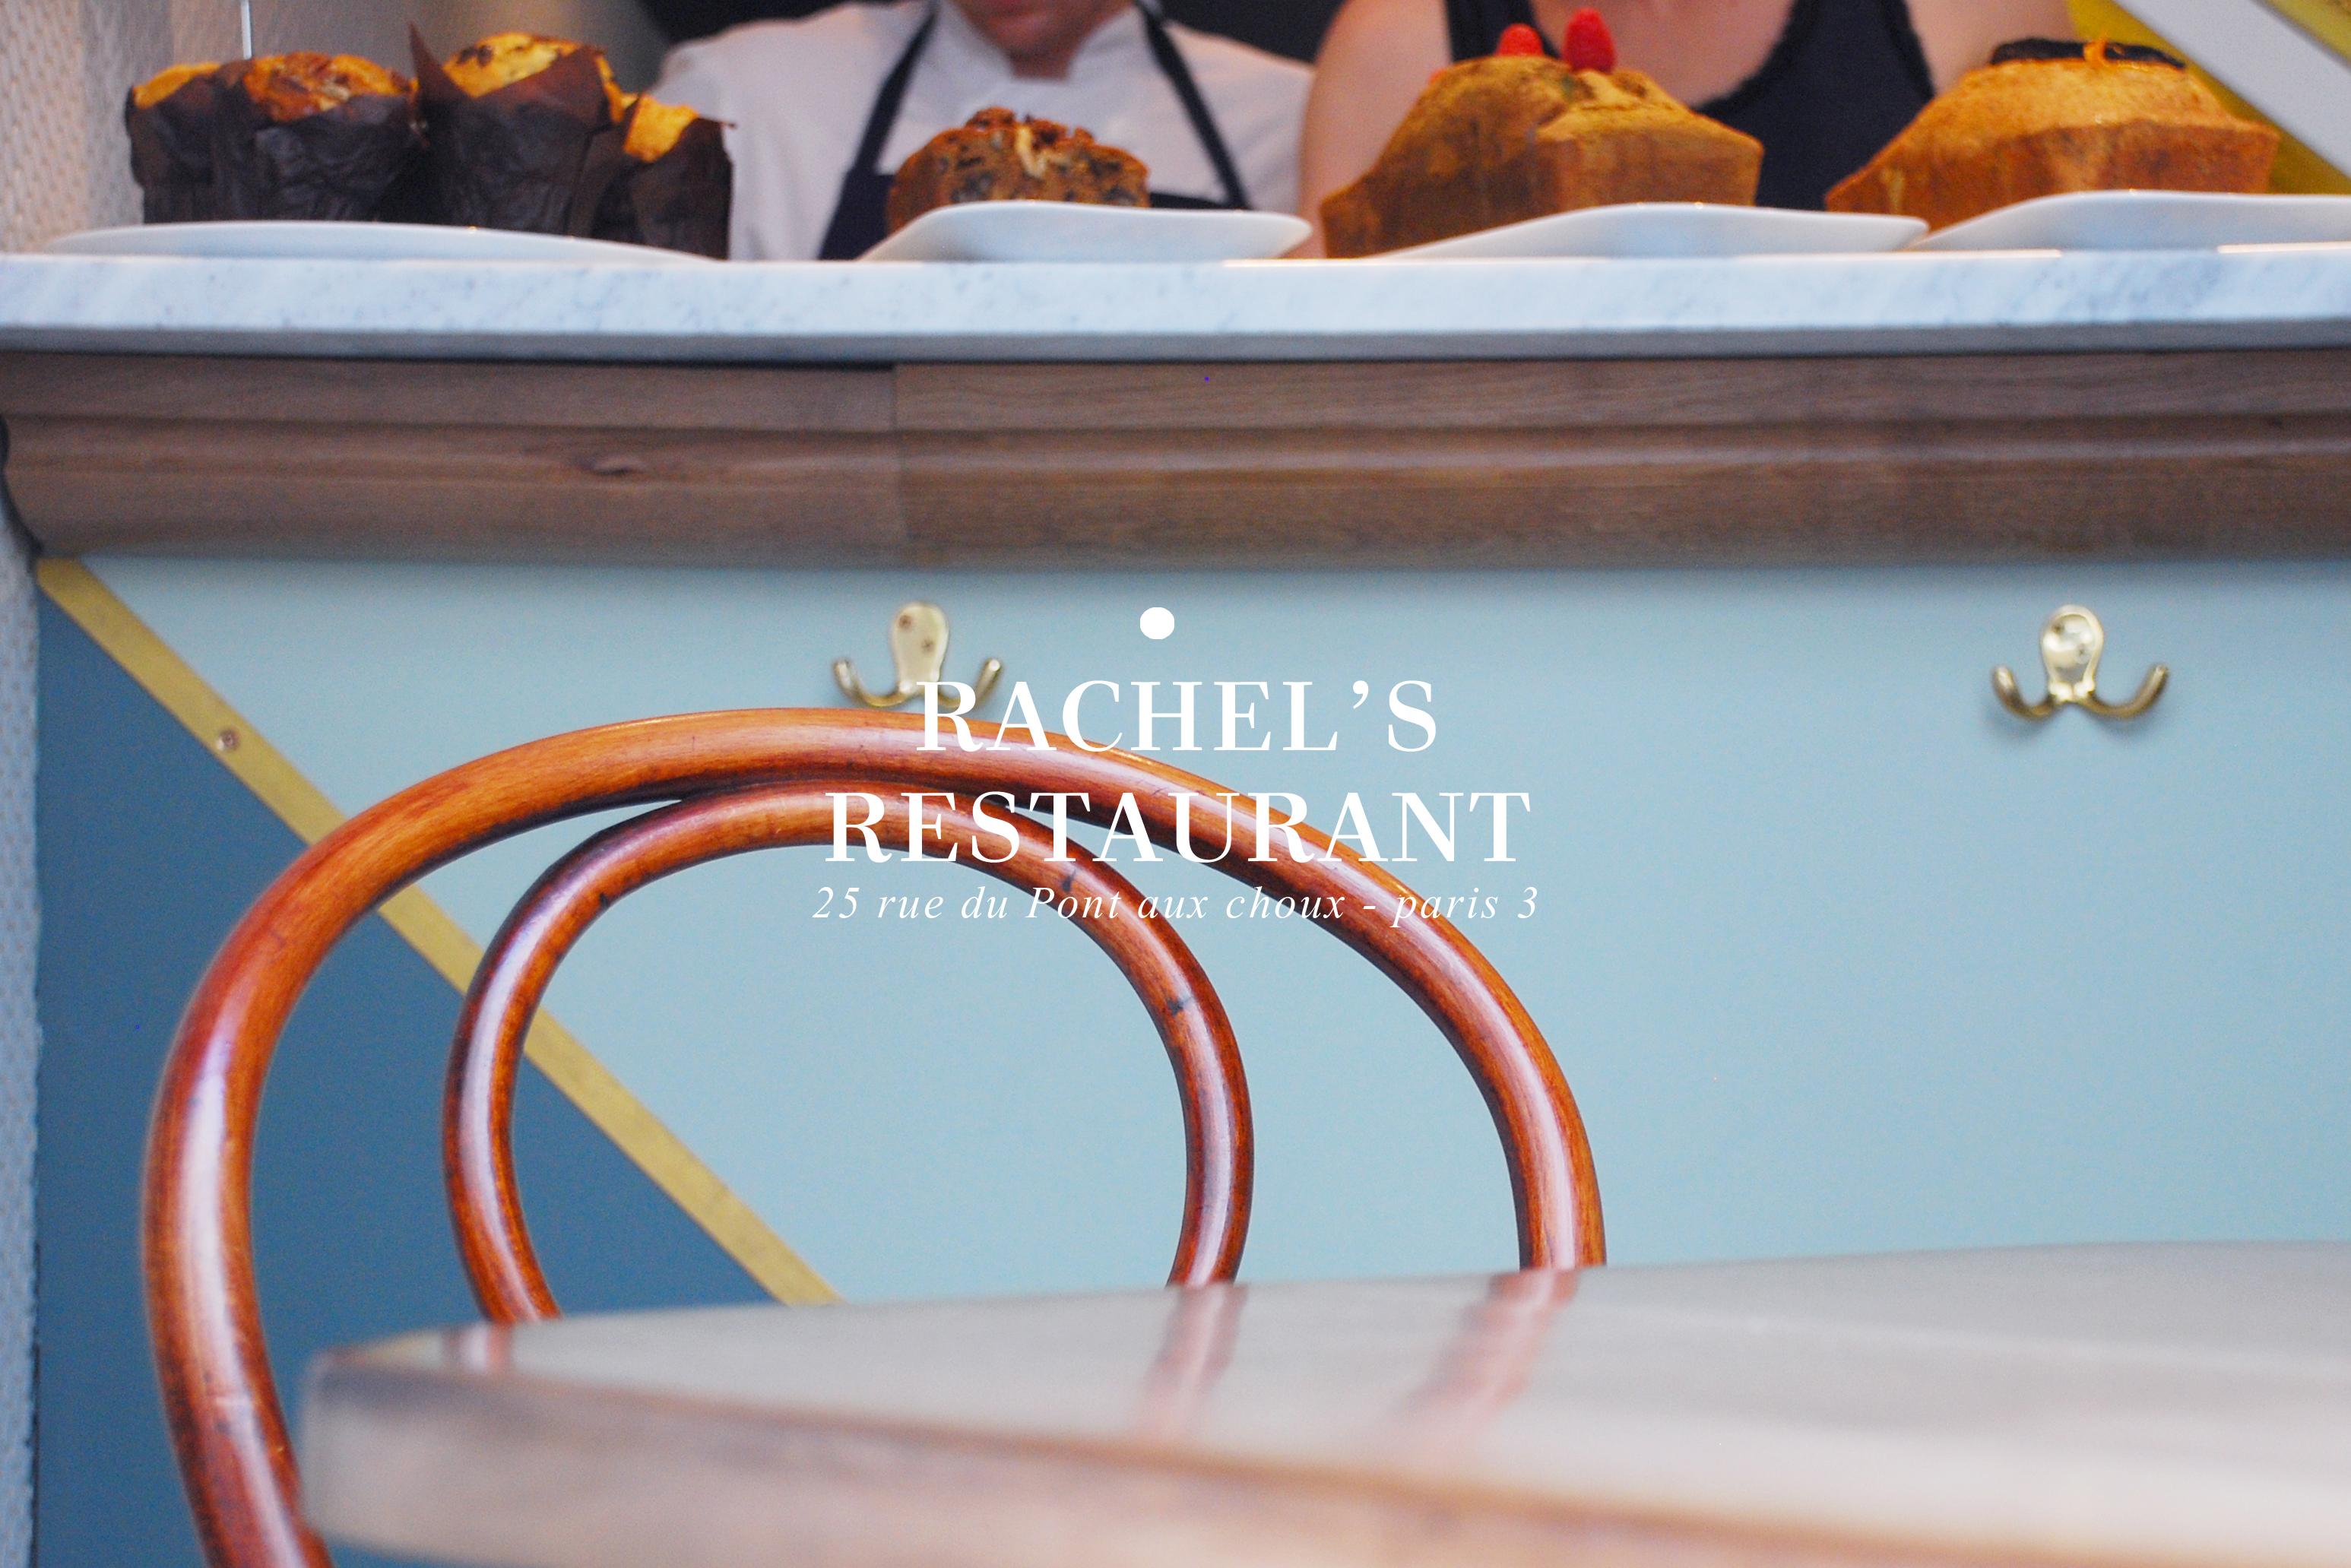 rachel-s-restaurant-rue-du-pont-aux-choux-paris-3-marais-by-le-polyedre_visuel16